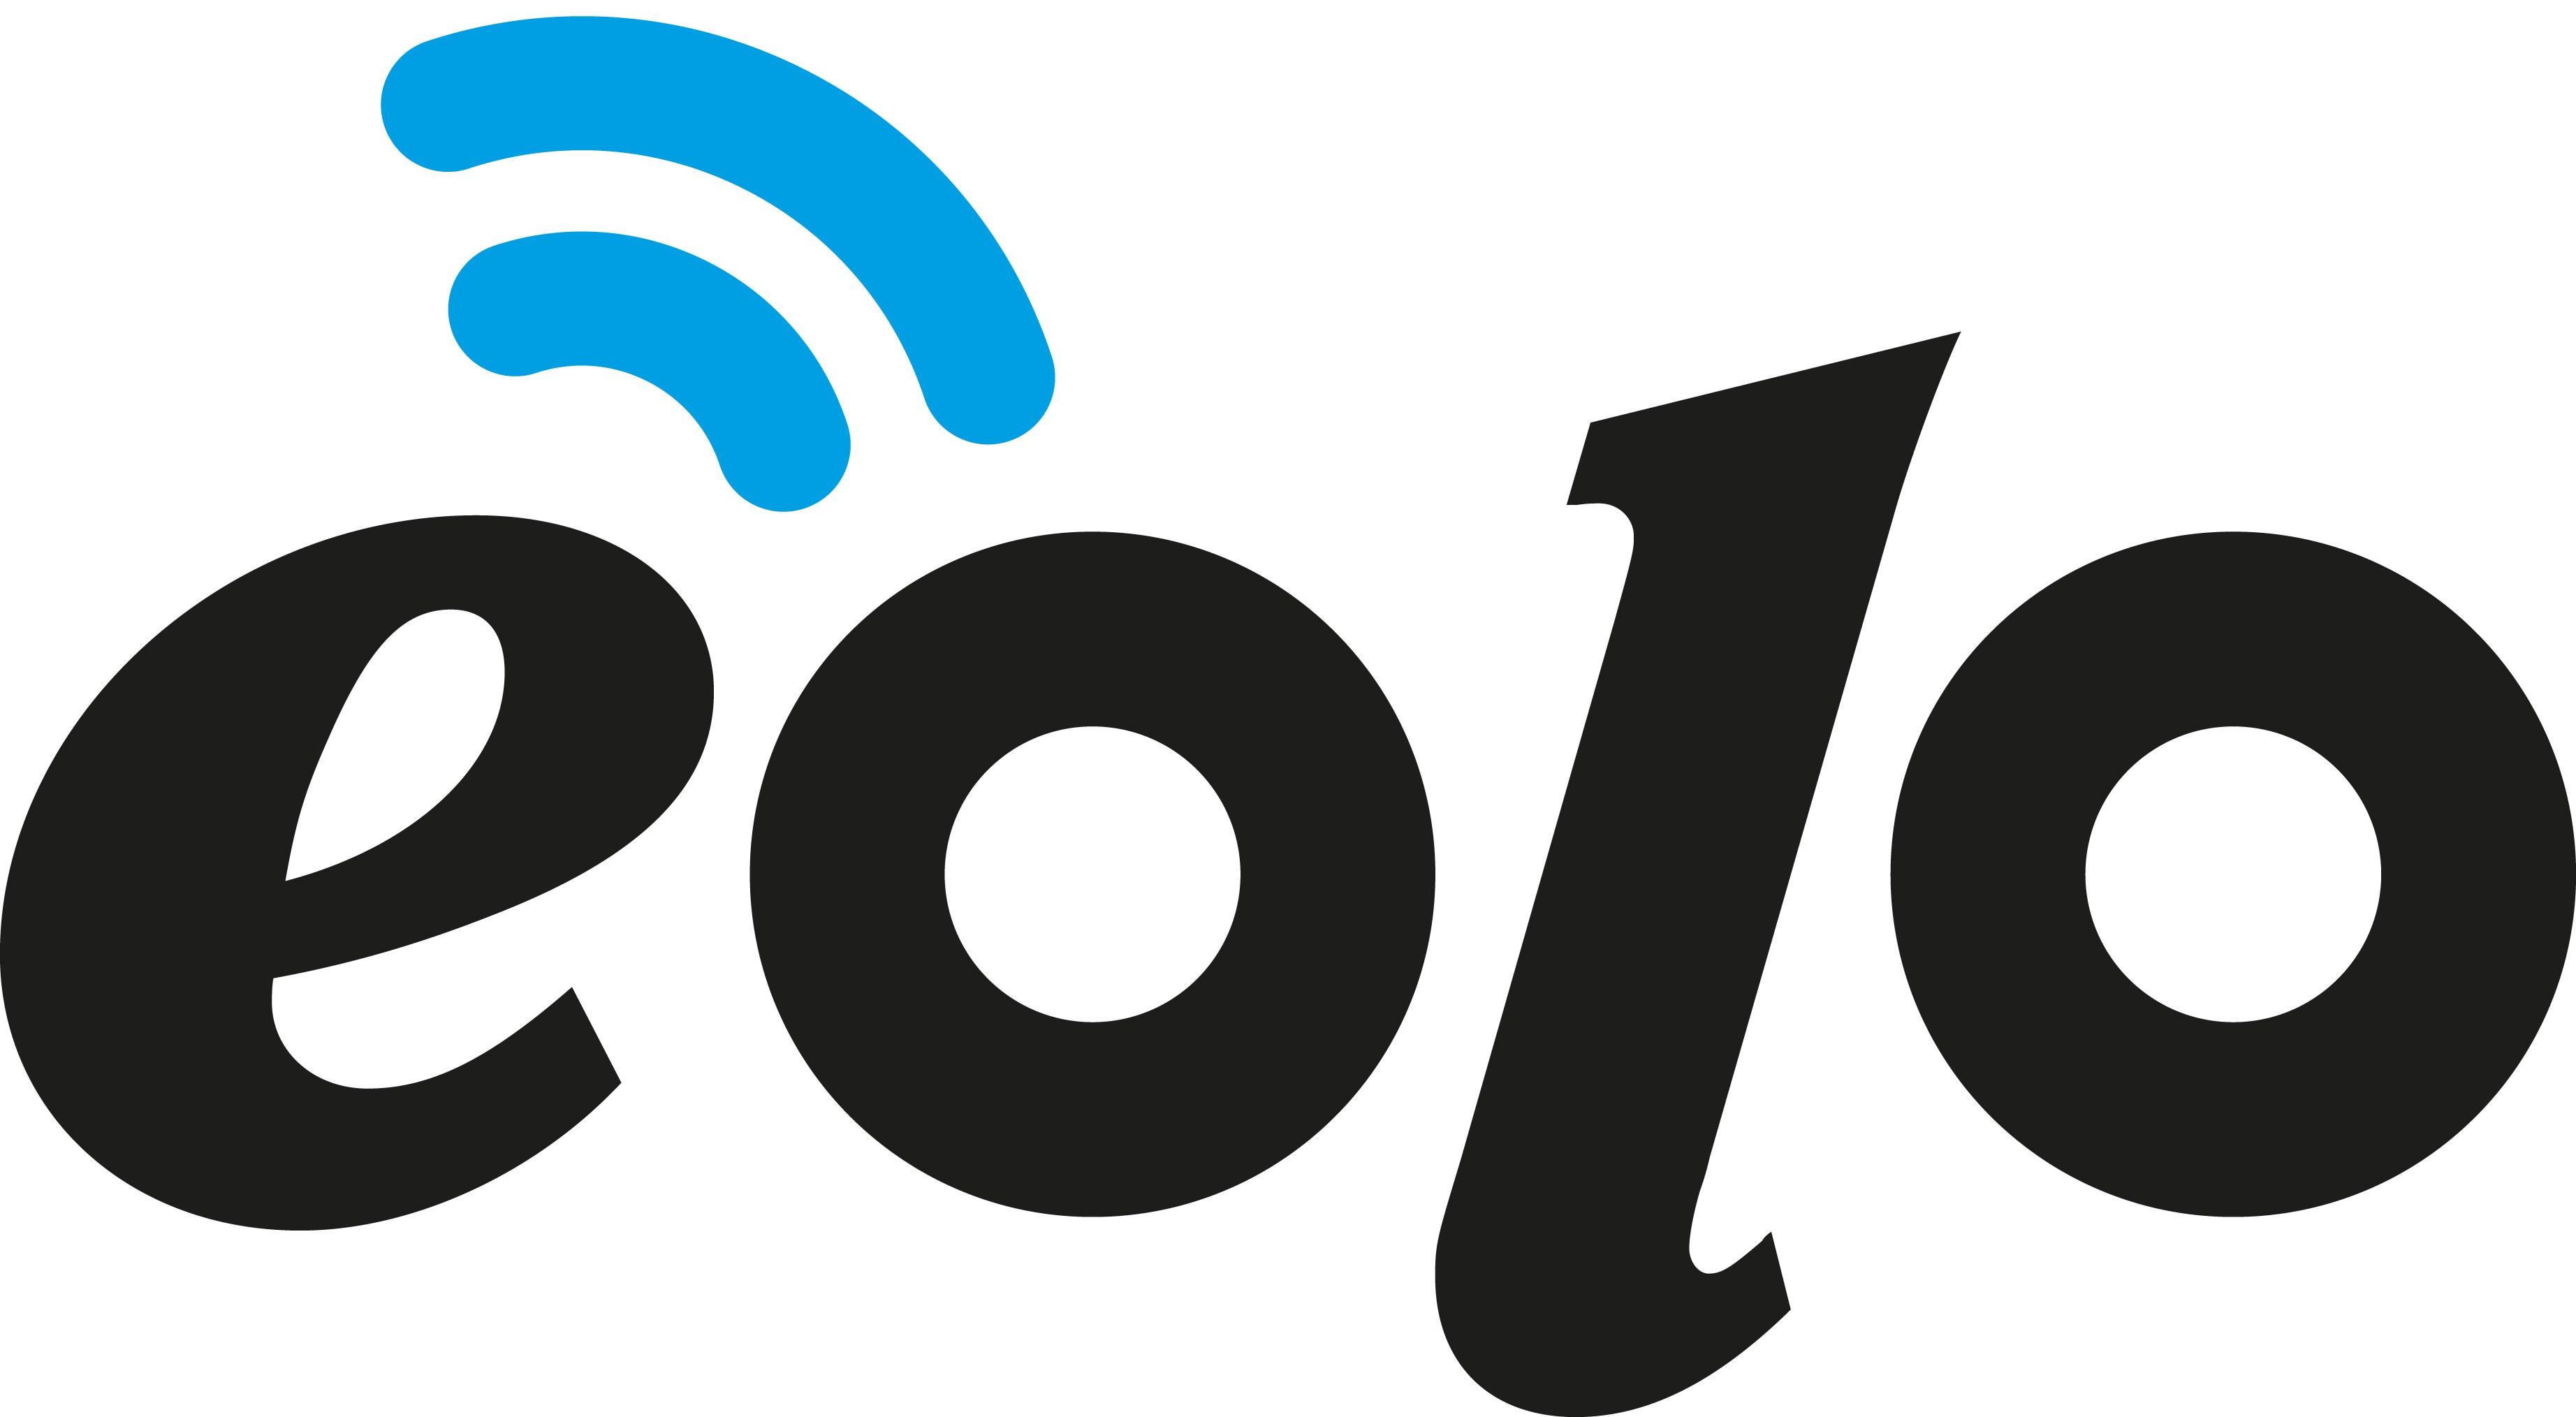 Eolo: 1 mese di Internet gratis per te e per l'amico che presenti